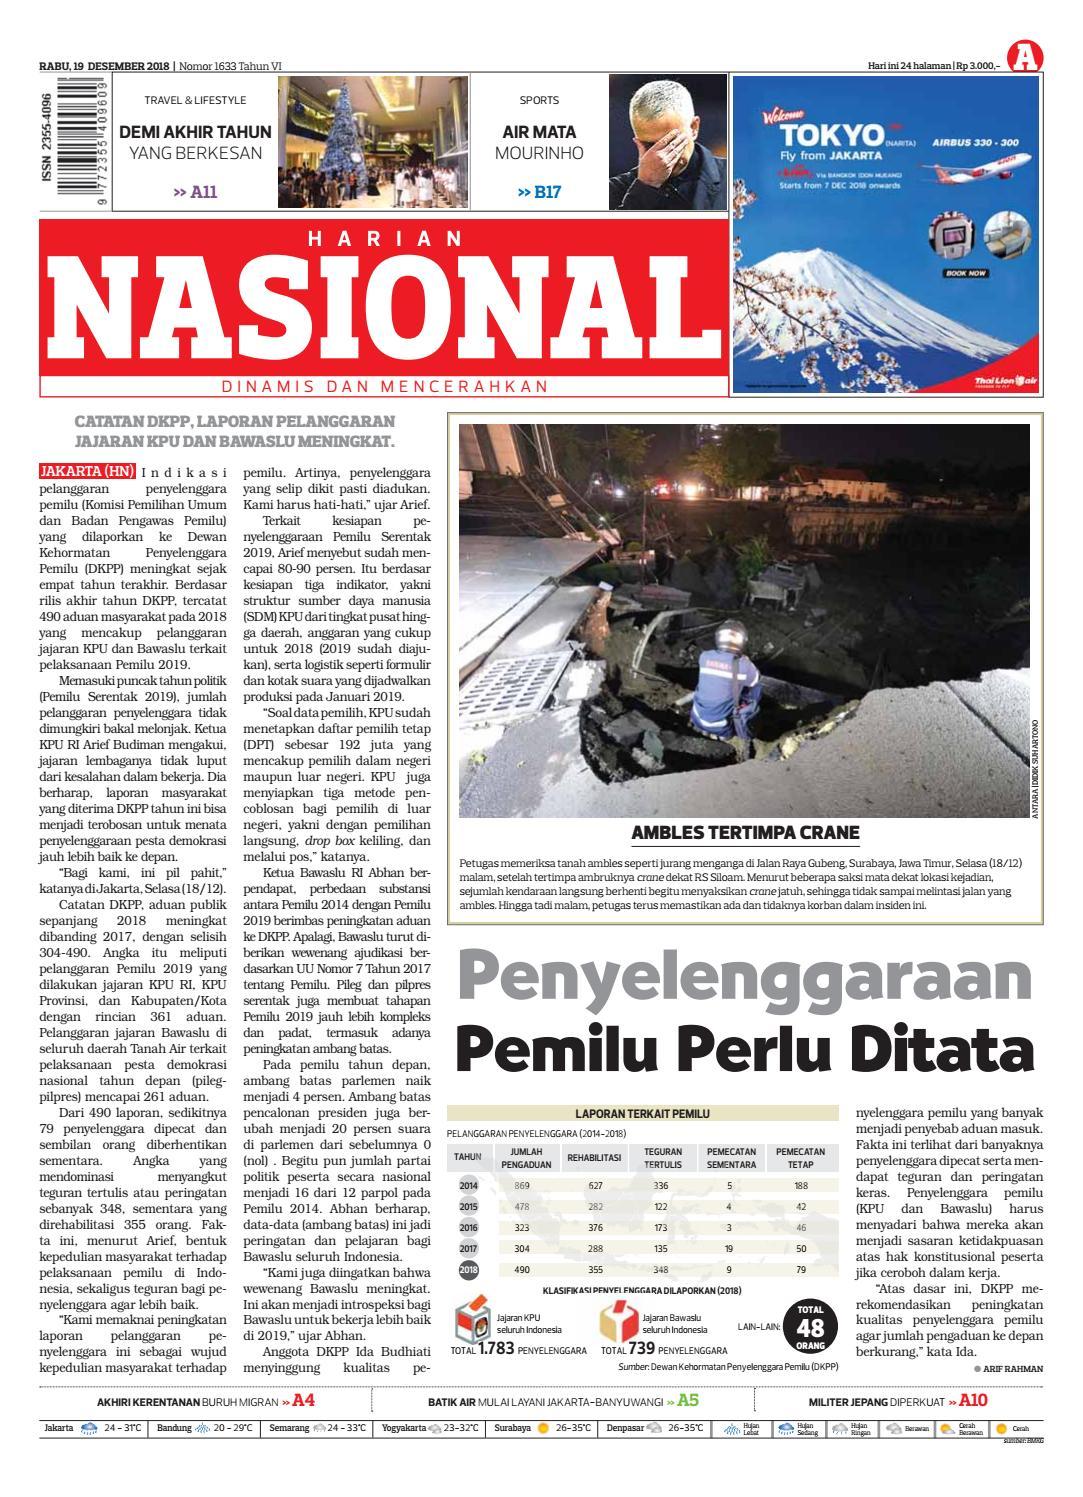 BUDAYAWAN: KEANEKARAGAMAN HAYATI BAGIAN DARI BUDAYA. | Lembaga Ilmu Pengetahuan Indonesia